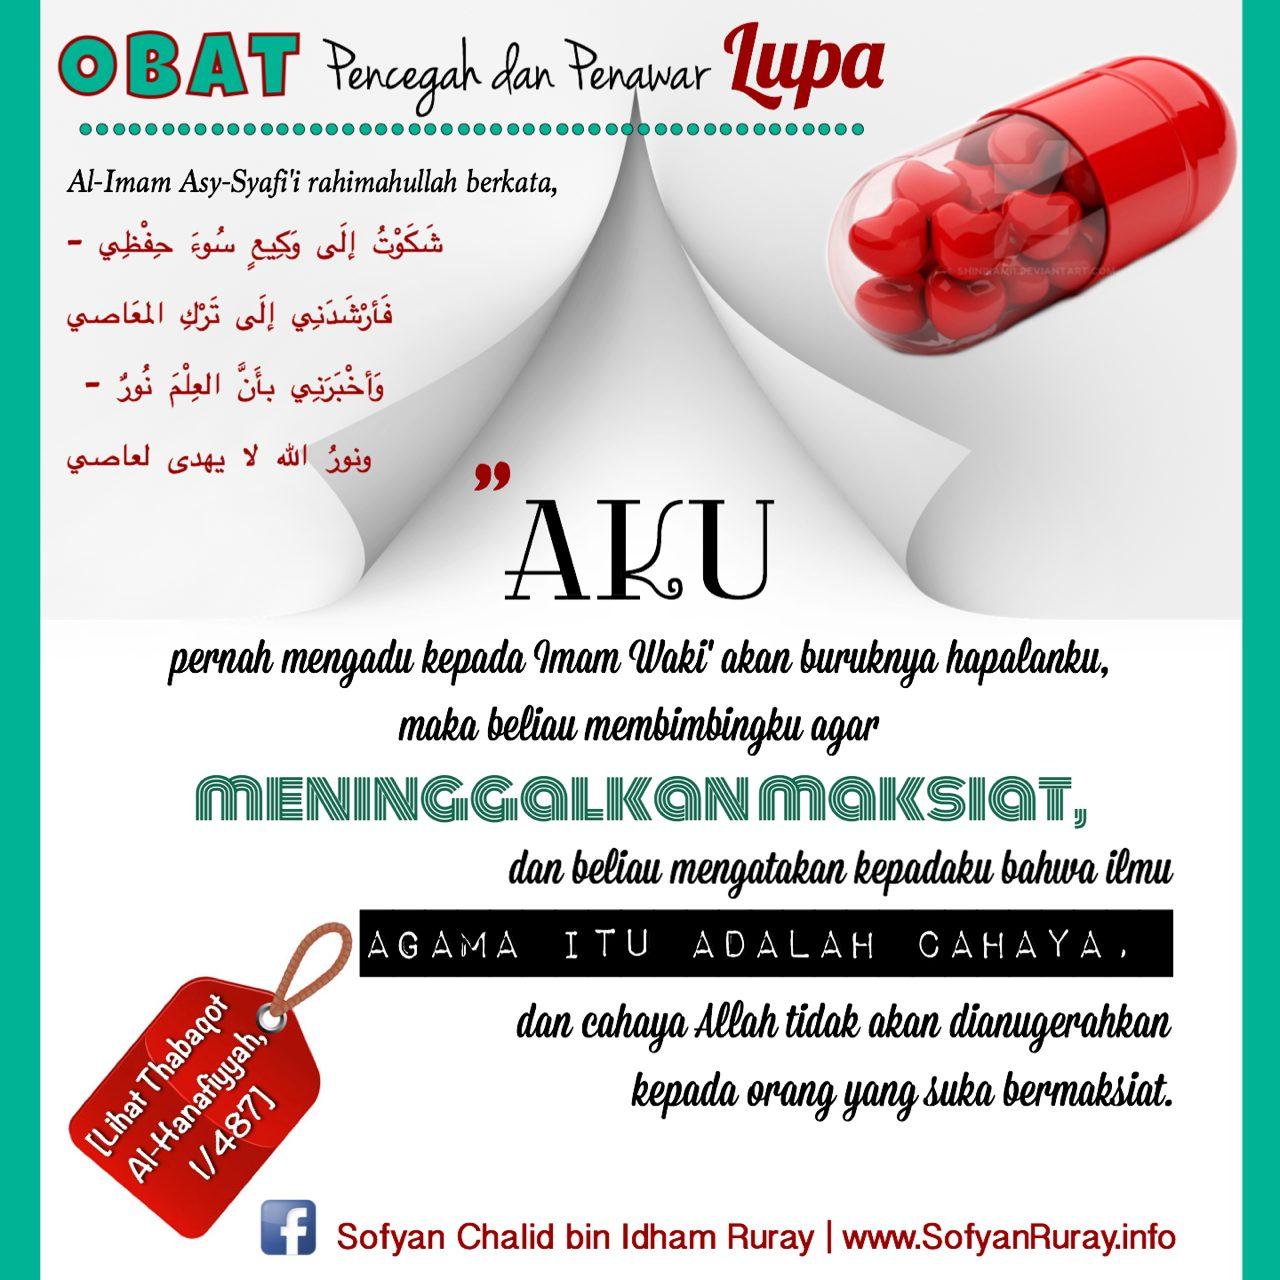 Obat Pencegah dan Penawar Lupa